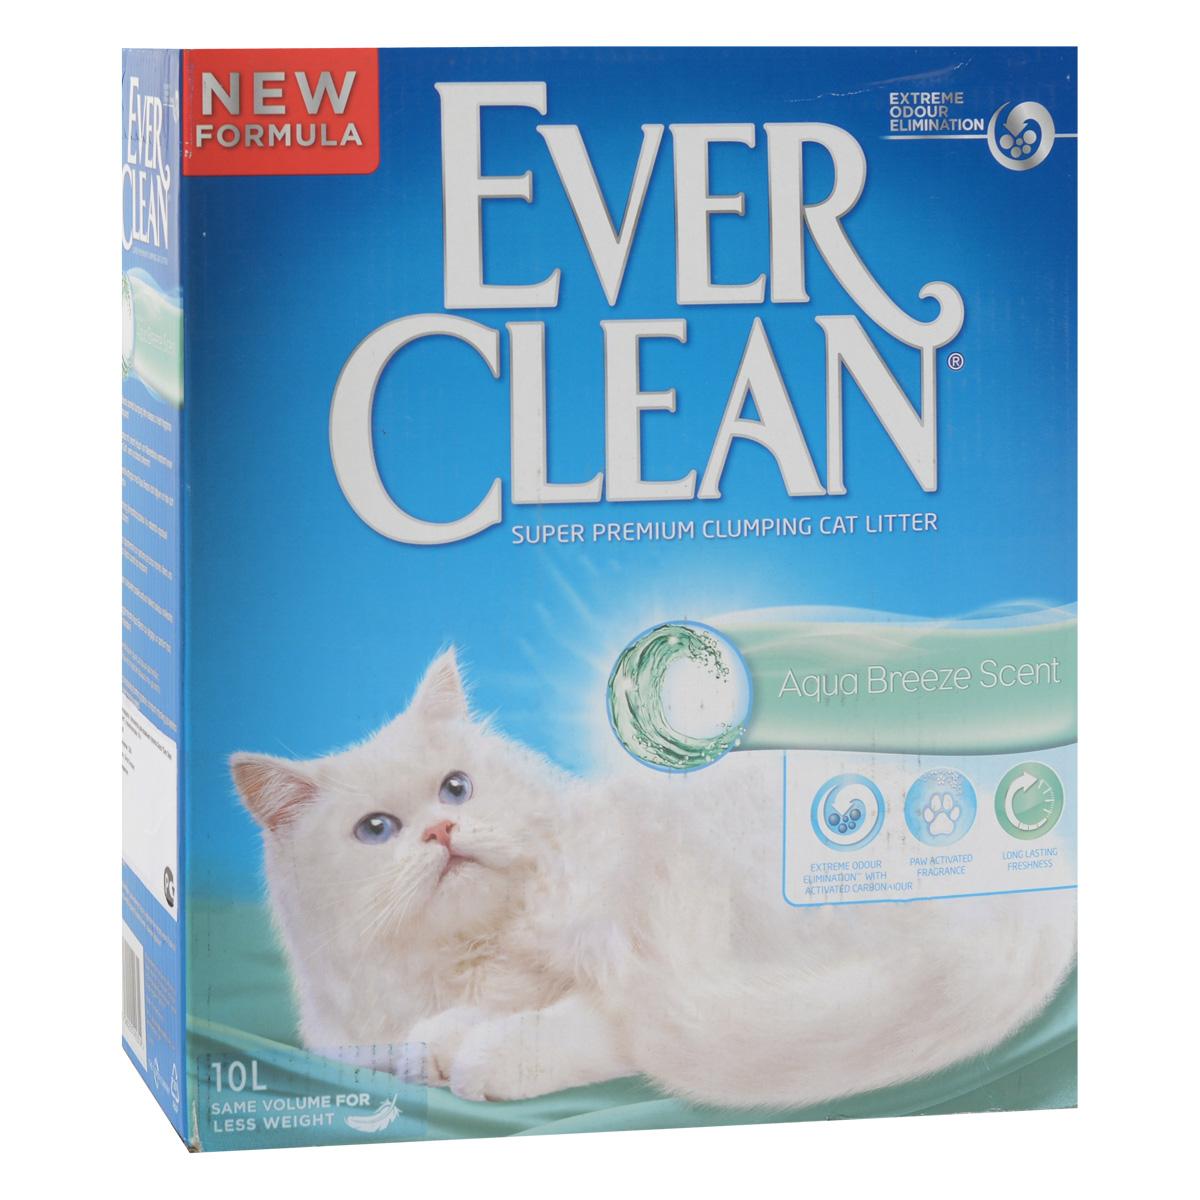 """Наполнитель для кошачьего туалета Ever Clean """"Aqua Breeze Scent"""", комкующийся, с ароматизатором, 10 л 490648"""